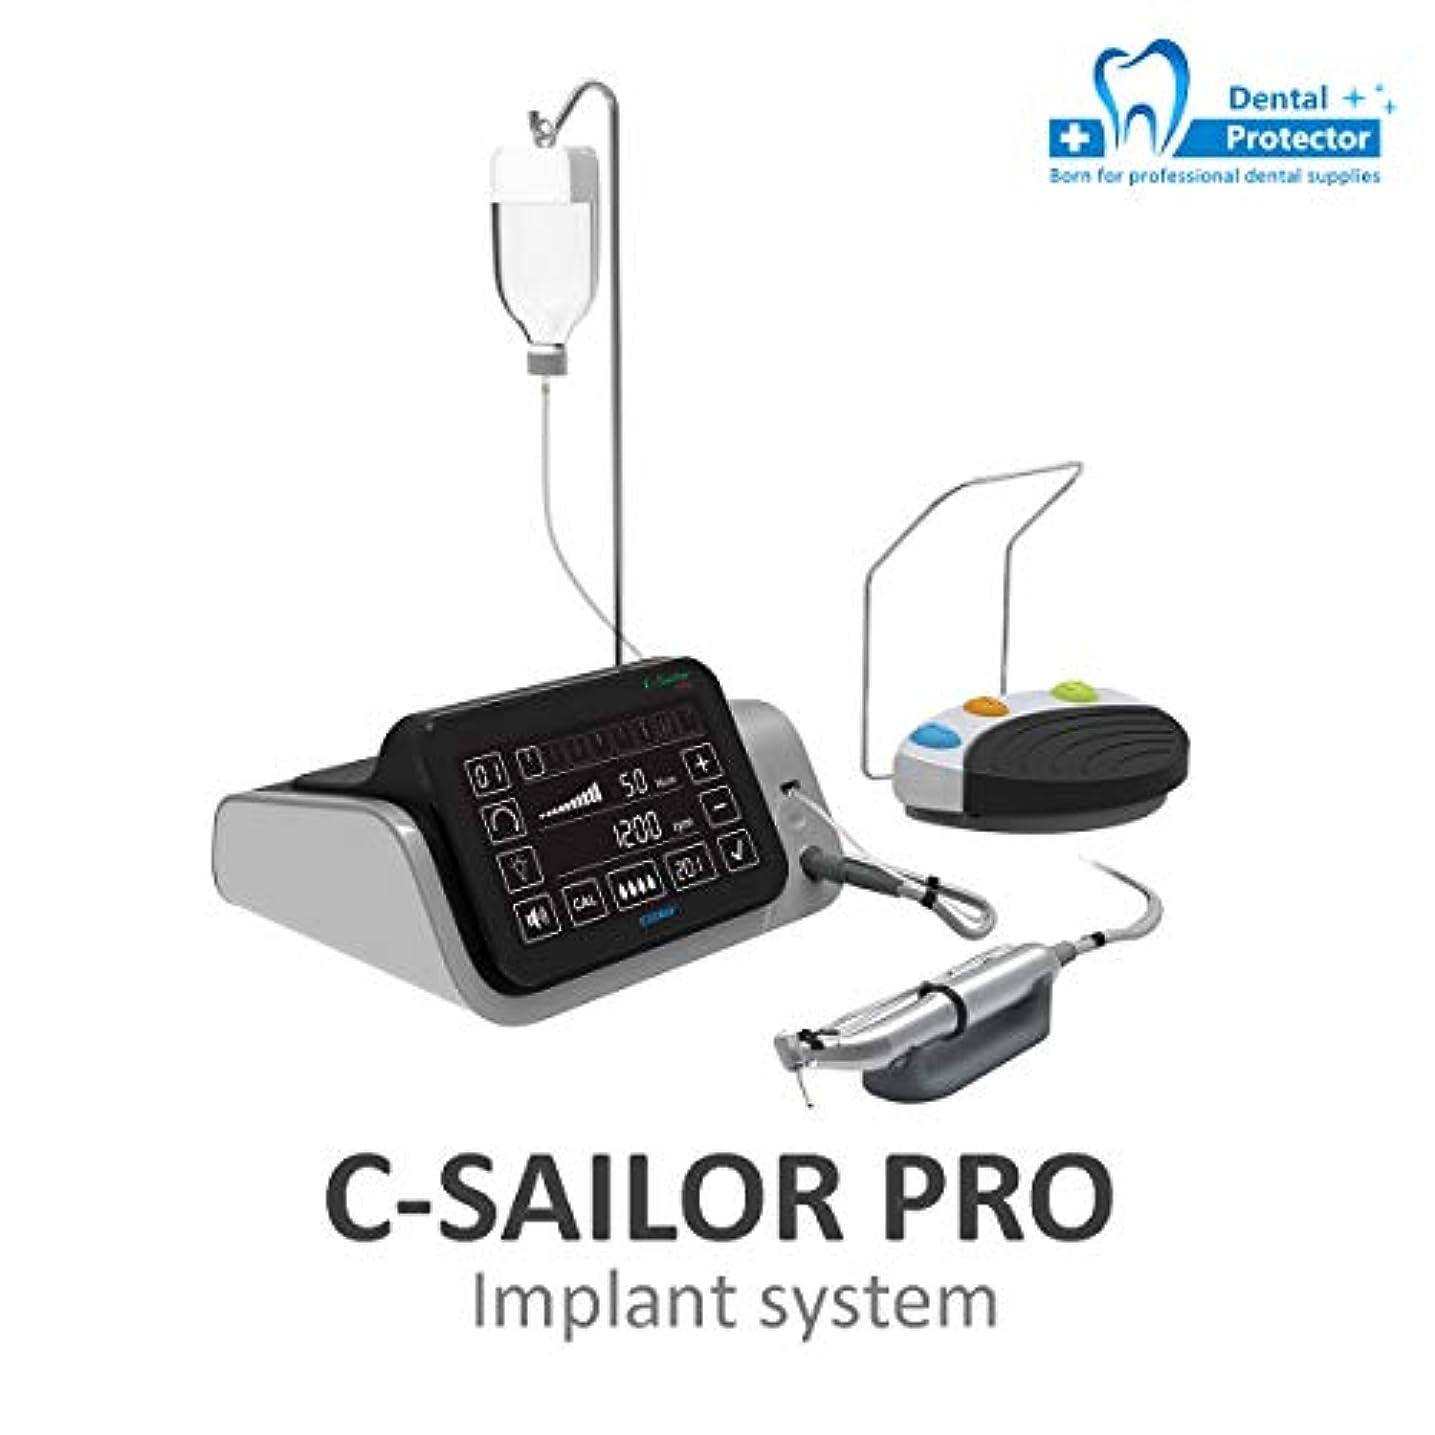 事炭水化物文明COXO 歯科インプラントモーター、 C-Sailor Pro 歯科用フィジカルサージカルモーター 1つの80 N.cmの対照的な角度を使って 強い力、 光ファイバーLEDライト タッチスクリーン制御